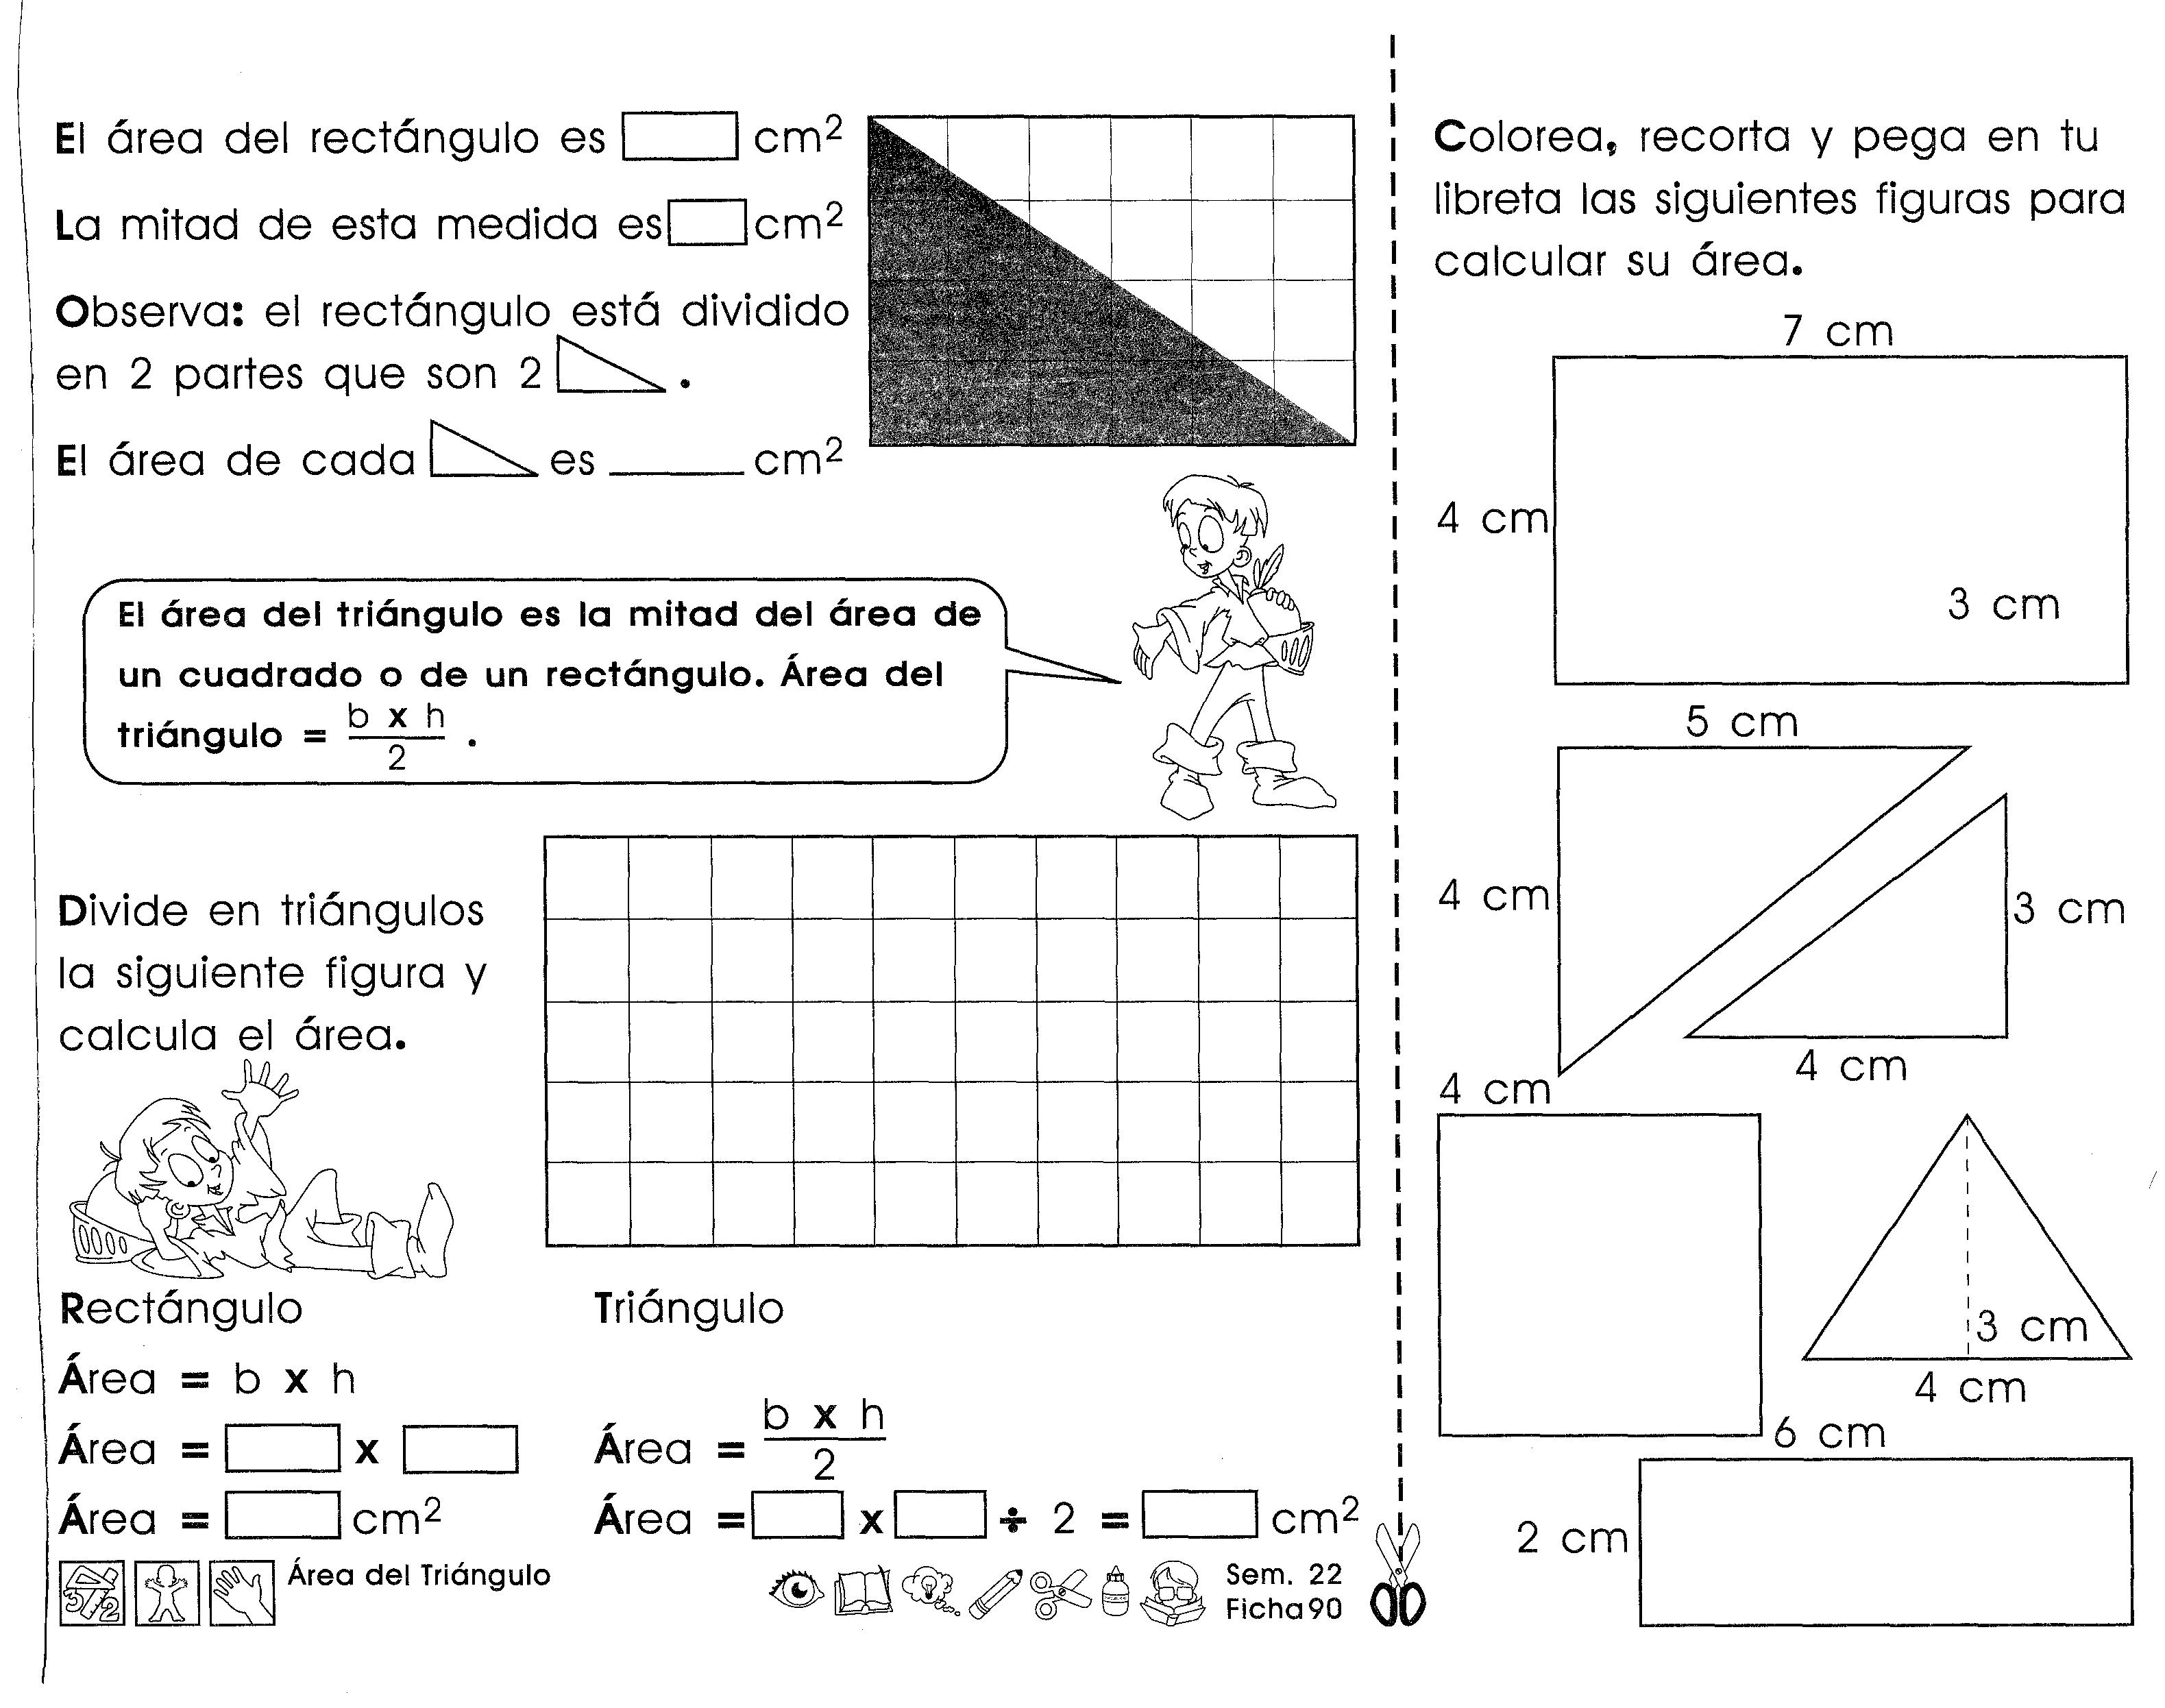 Area Del Triangulo El Area Del Triangulo Es La Mitad Del Area De Un Cuadrado O De Un Rectangulo